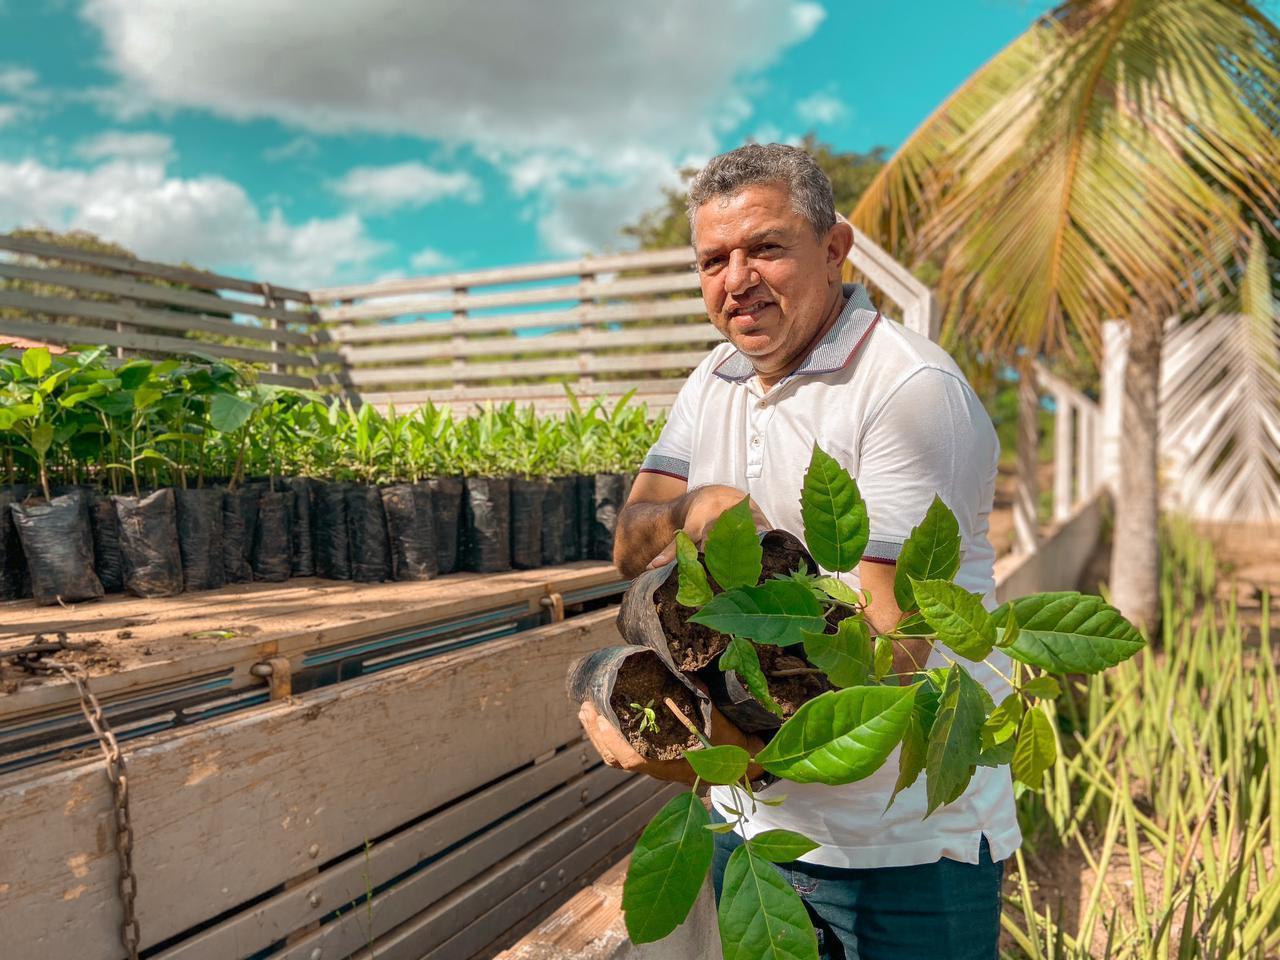 Governo Municipal de Jacaraú realiza plantio de mudas de árvores em áreas para preservação.